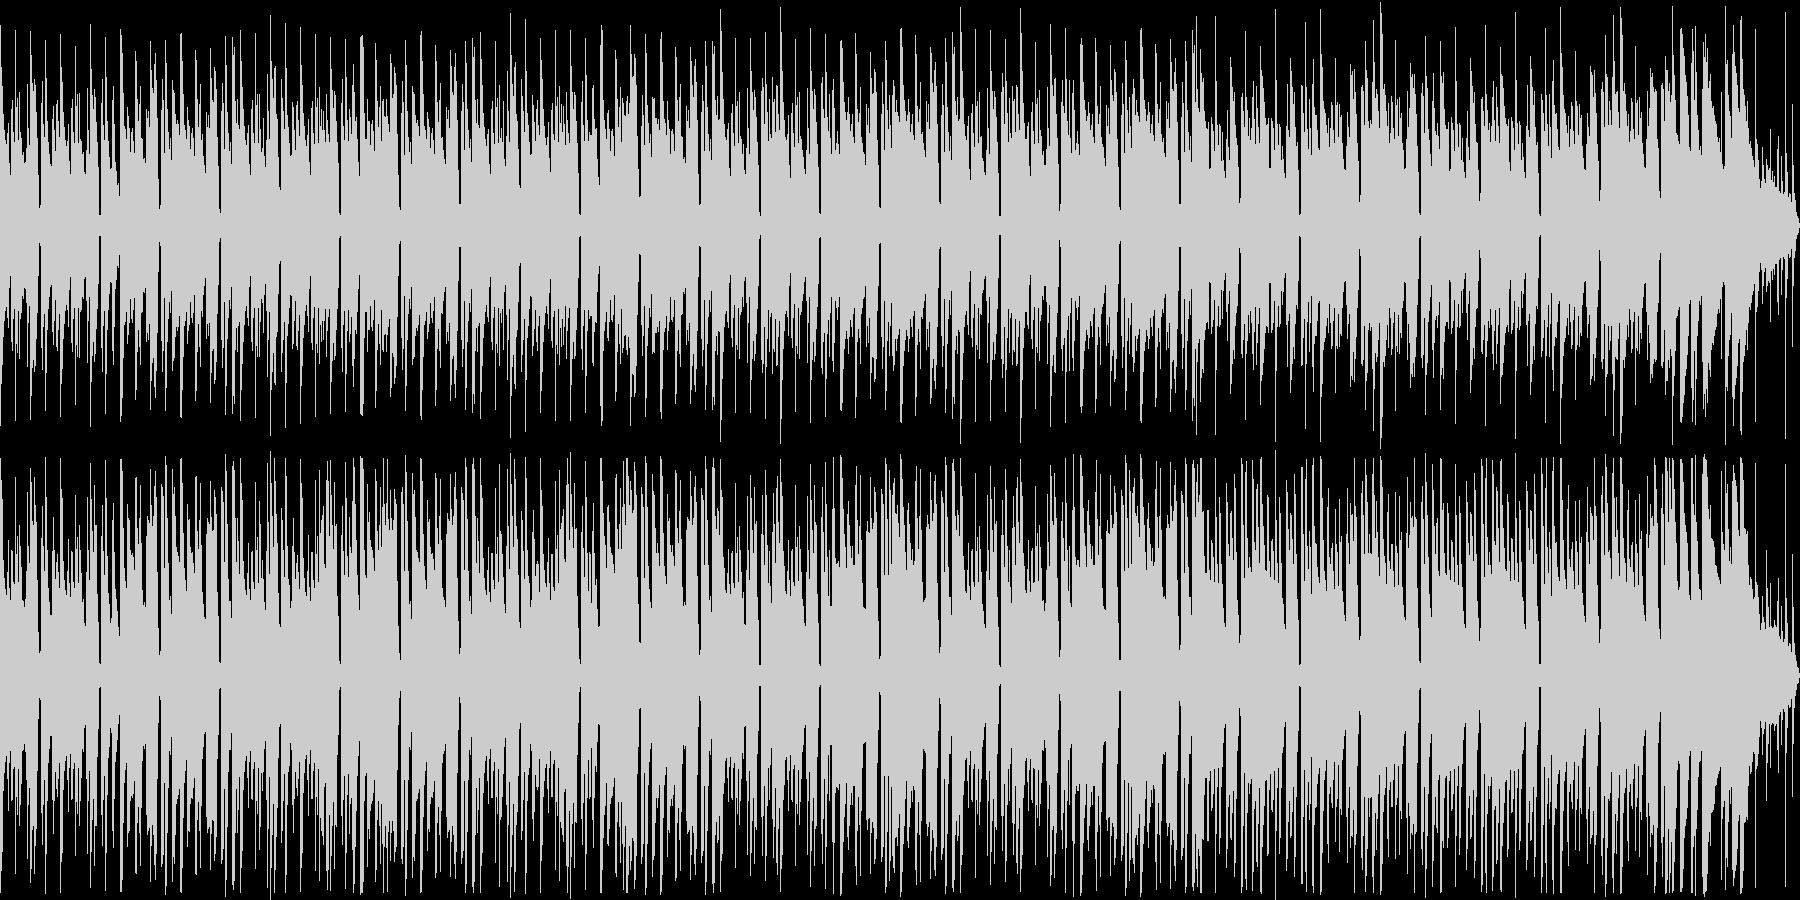 【ループ】落ち着いた夏のボサノバの未再生の波形